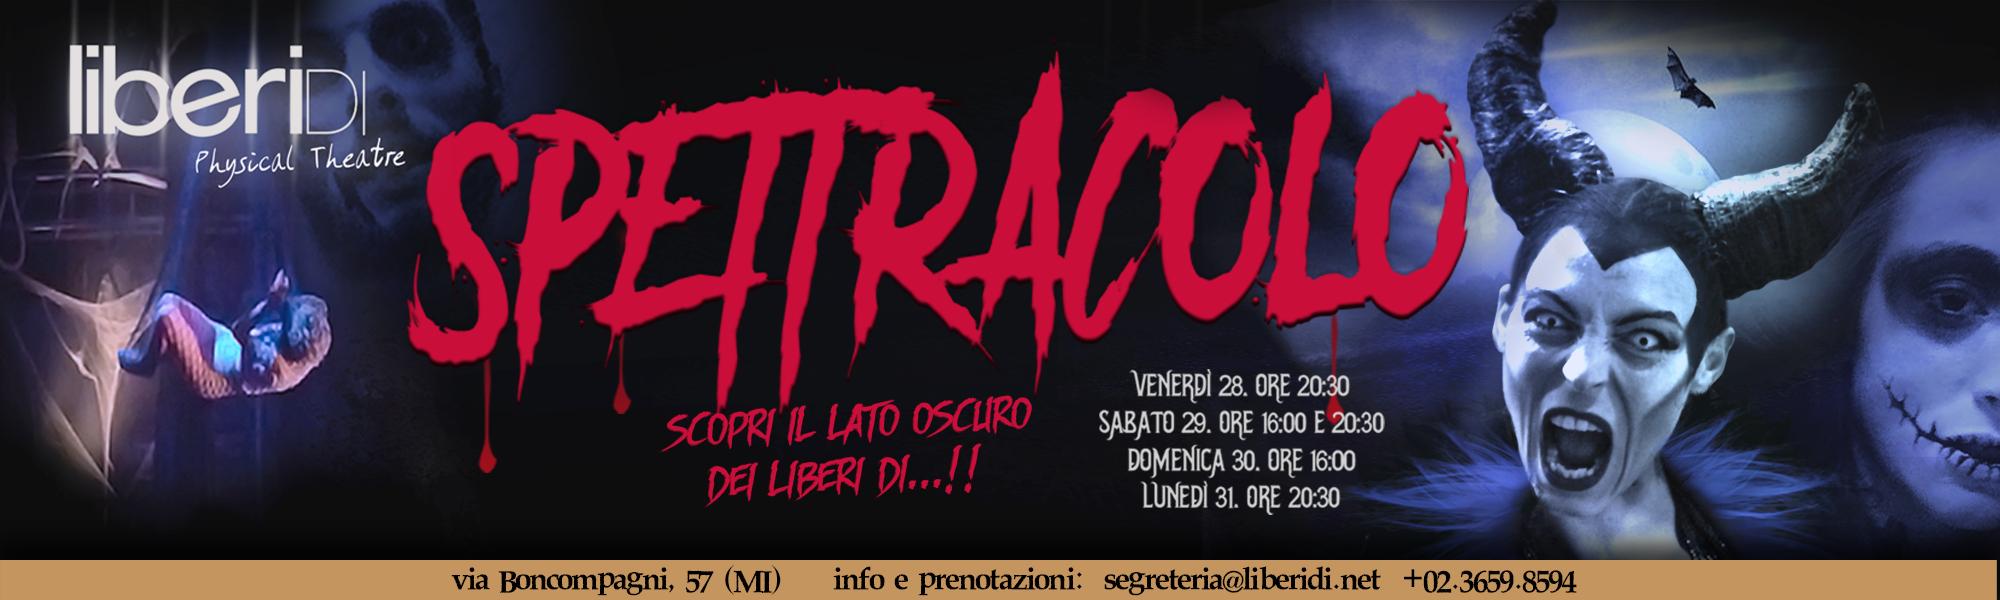 Spettracolo 28/10/2016 - LiberiDi